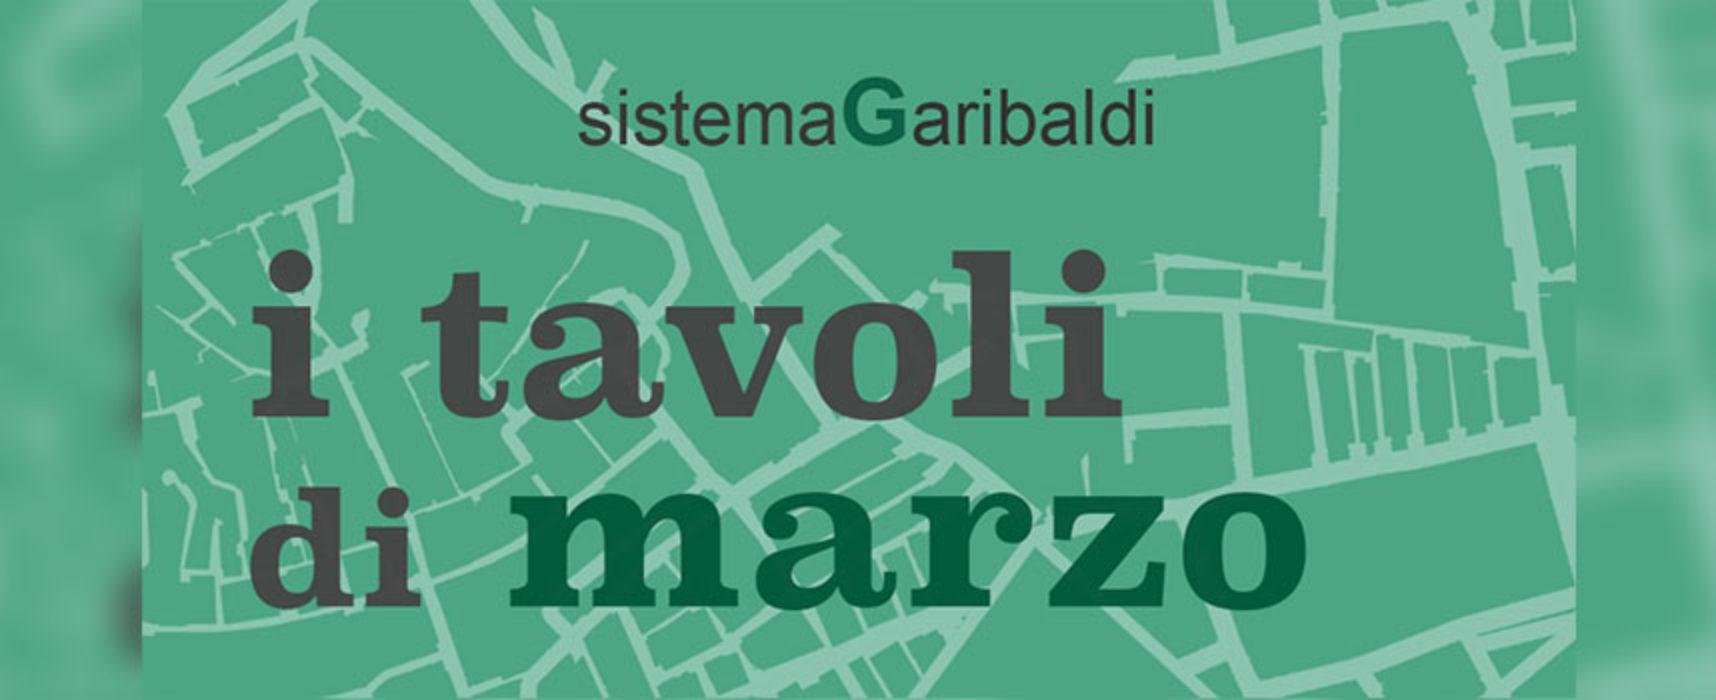 Sistema Garibaldi: sguardo femminile per indagare il futuro della Città / PROGRAMMA